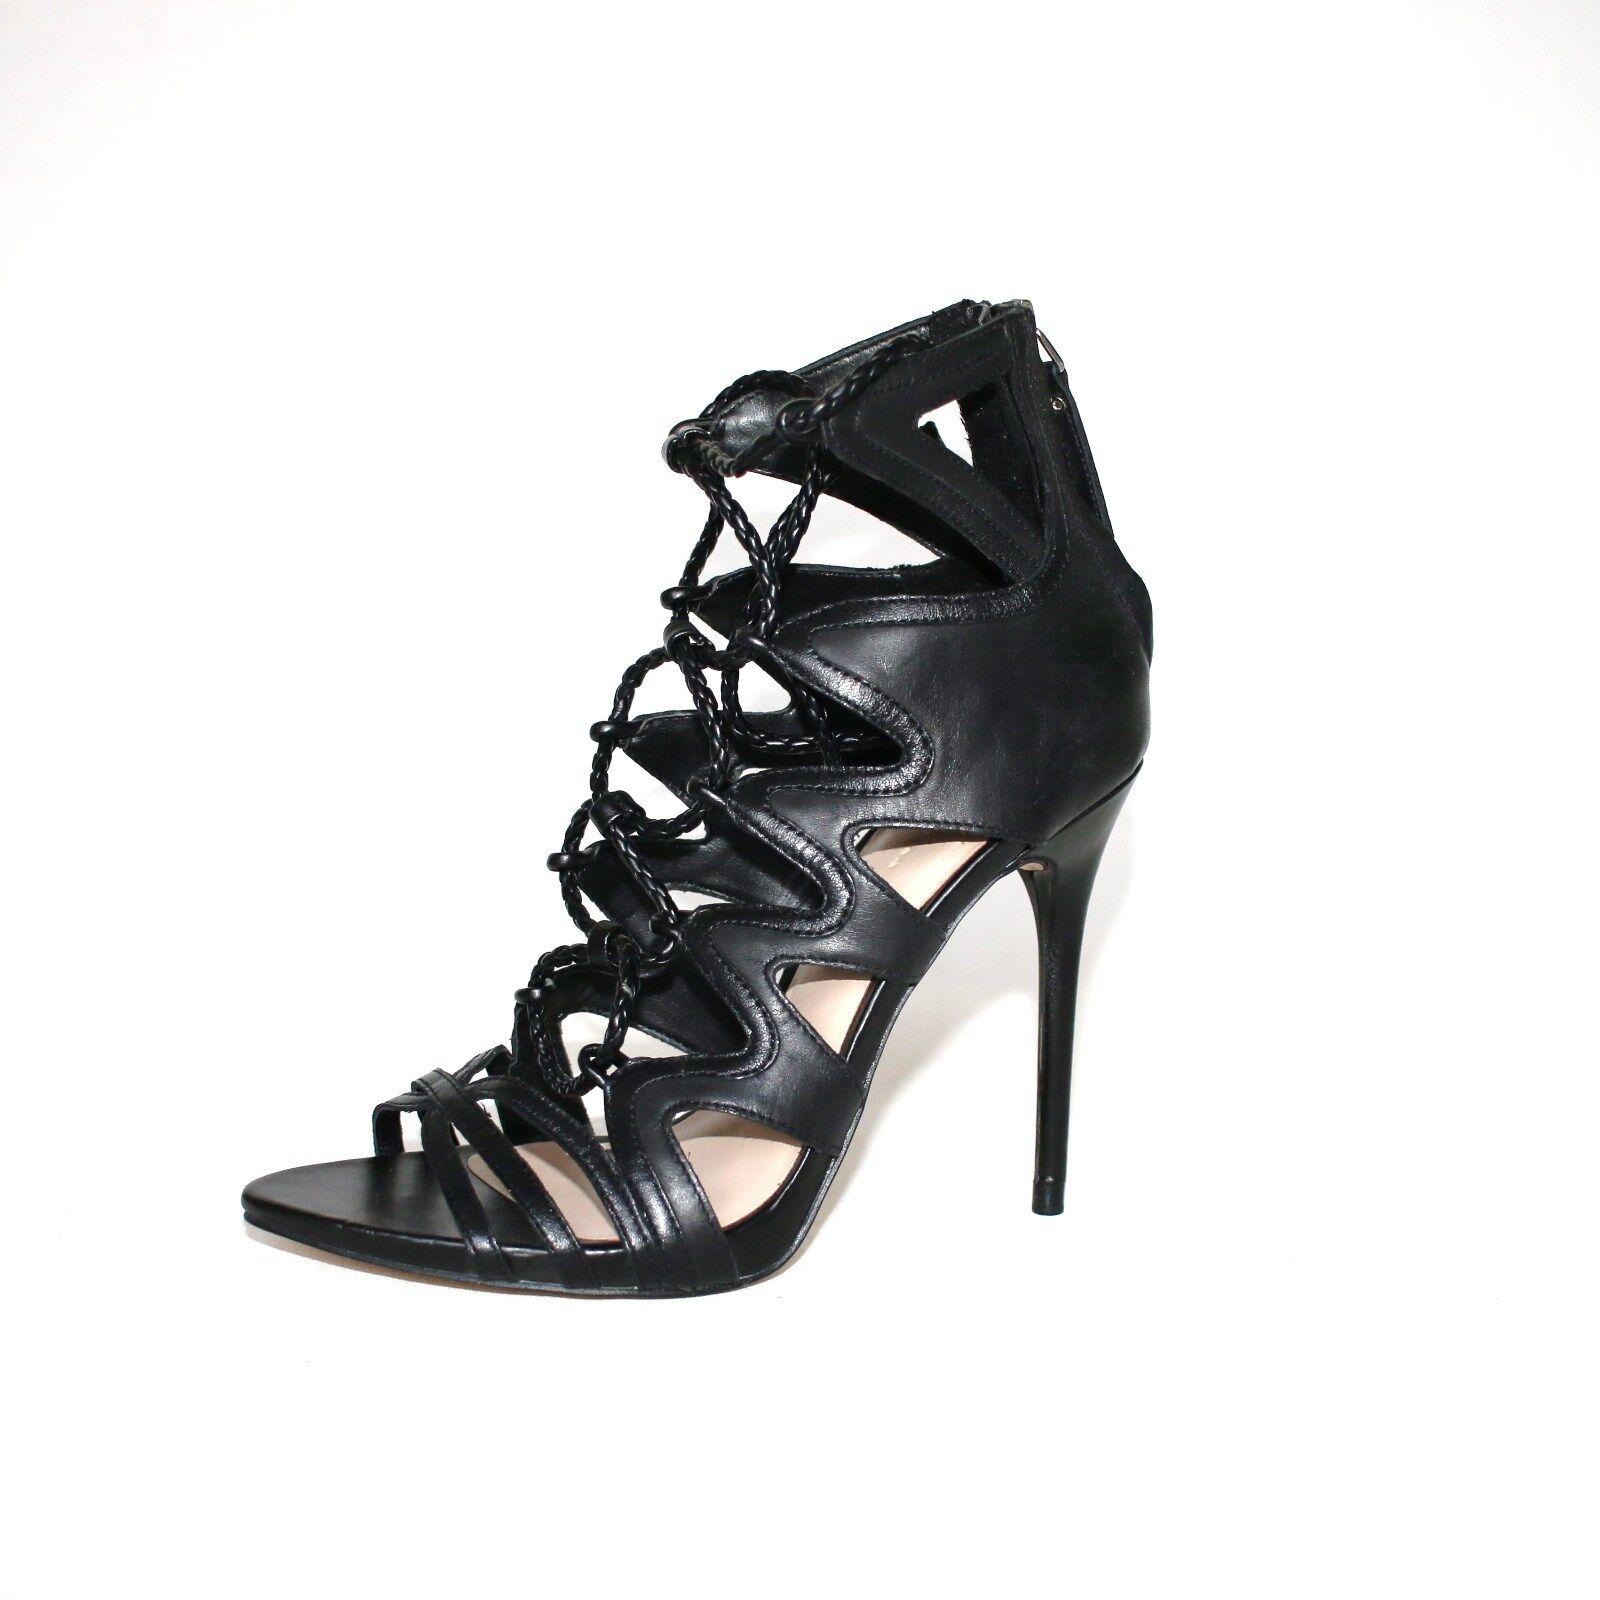 Cuero zara pumps pumps pumps 36 negro tacón alto con tiras sandalias noche zapatos de fiesta  exclusivo